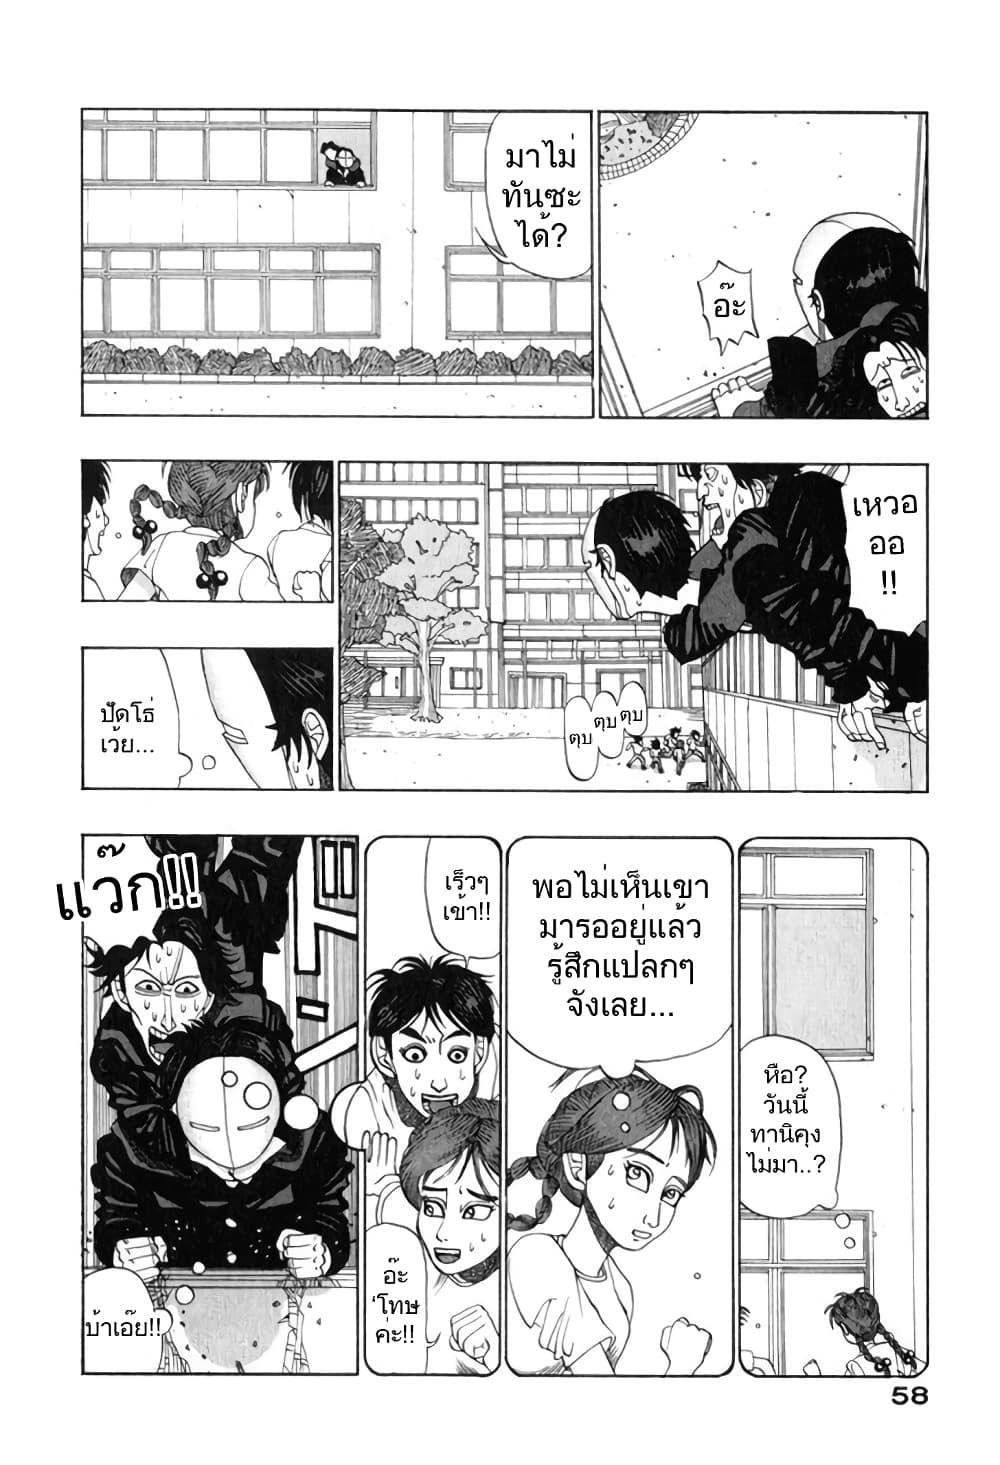 อ่านการ์ตูน Tanikamen ตอนที่ 5 หน้าที่ 4